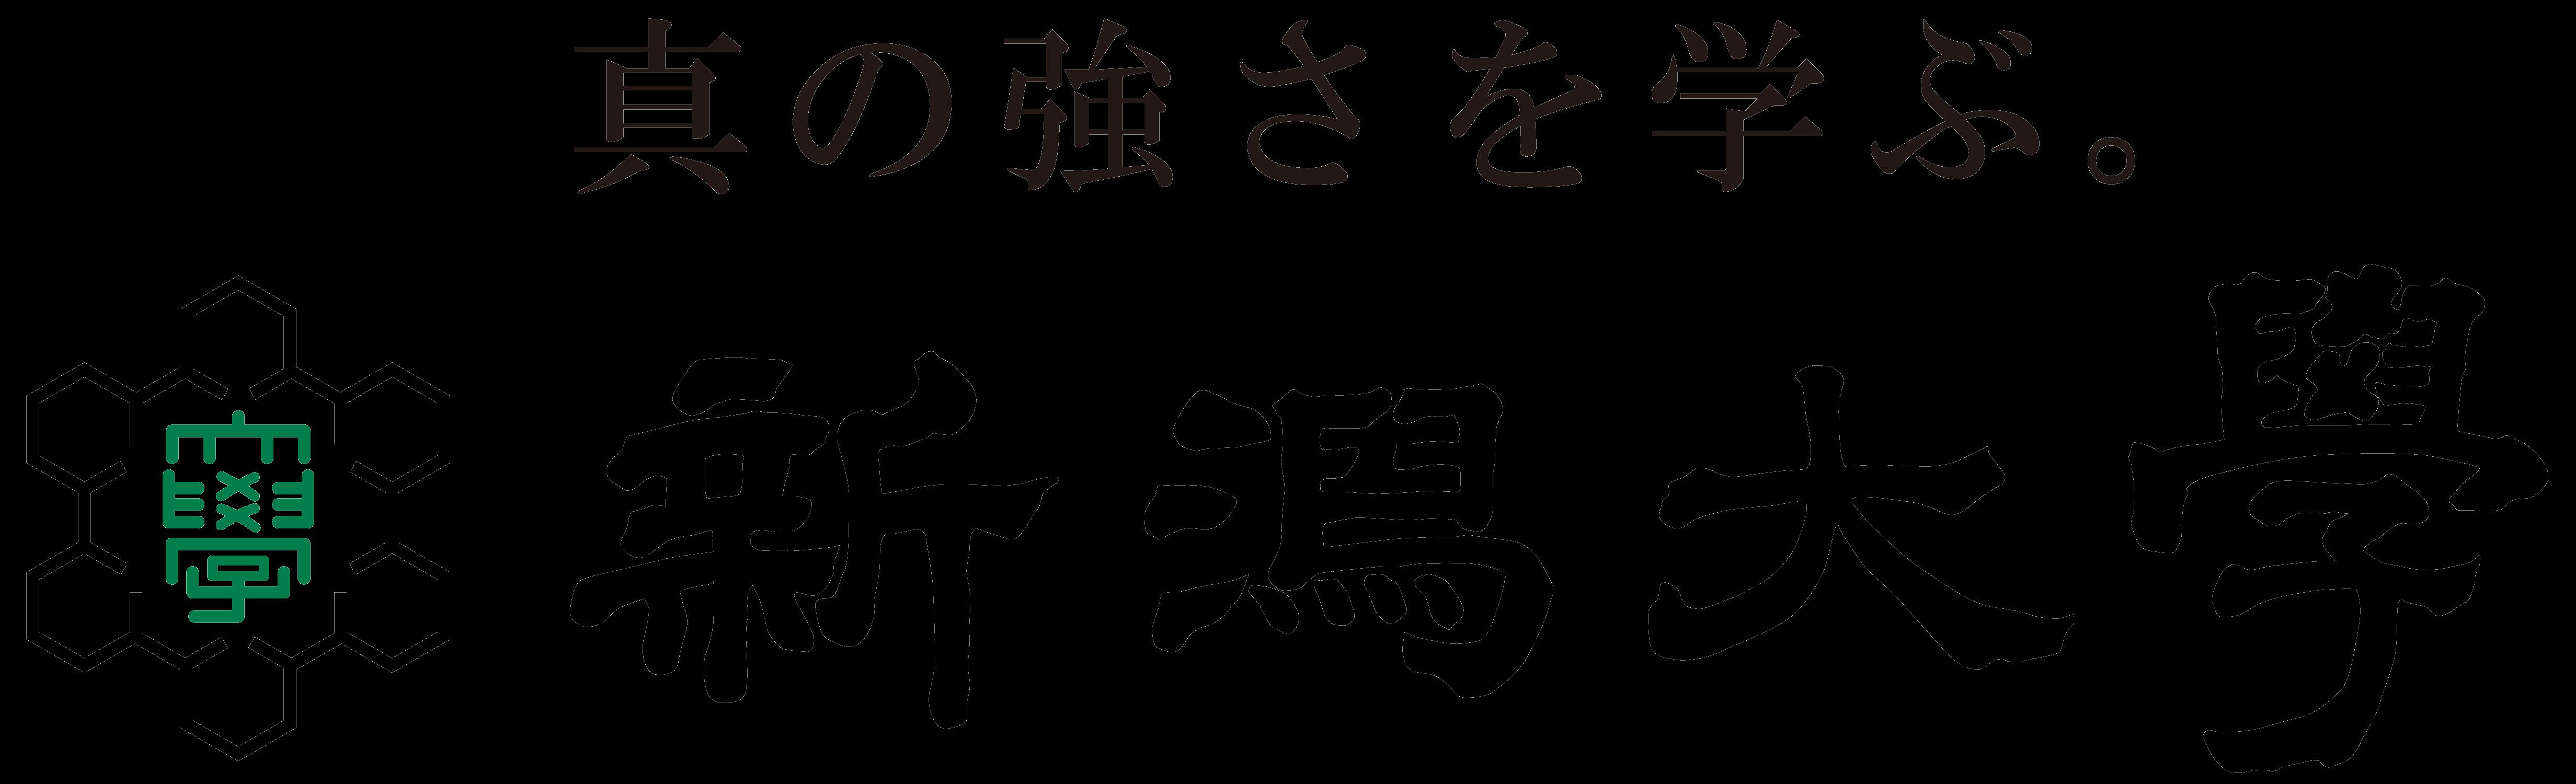 nigataUni2_logo.png